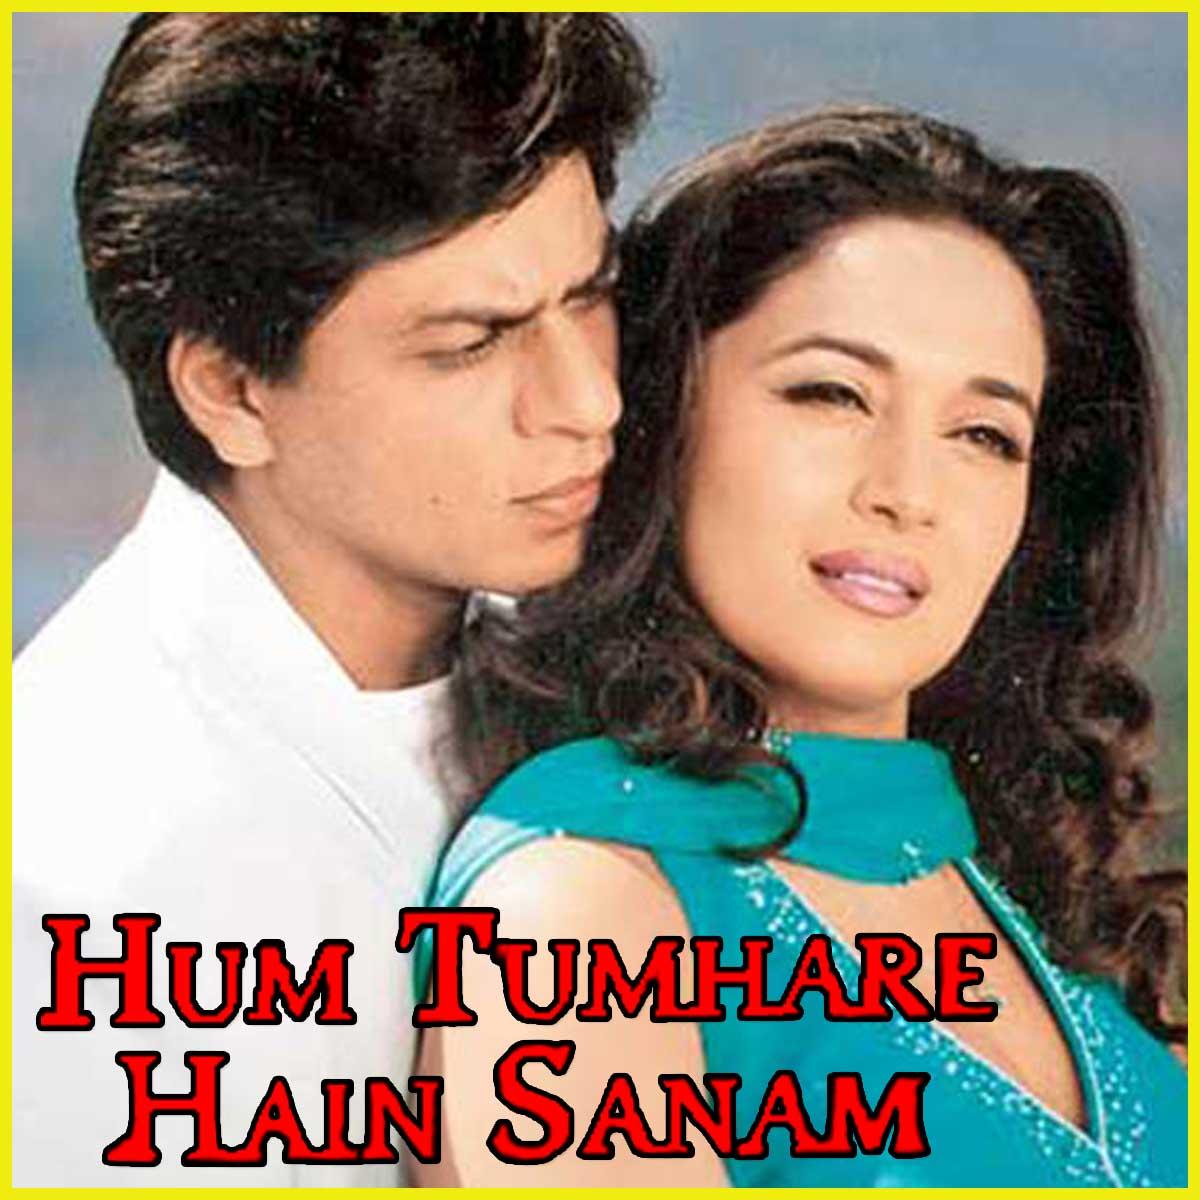 Image result for hum tumhare hain sanam